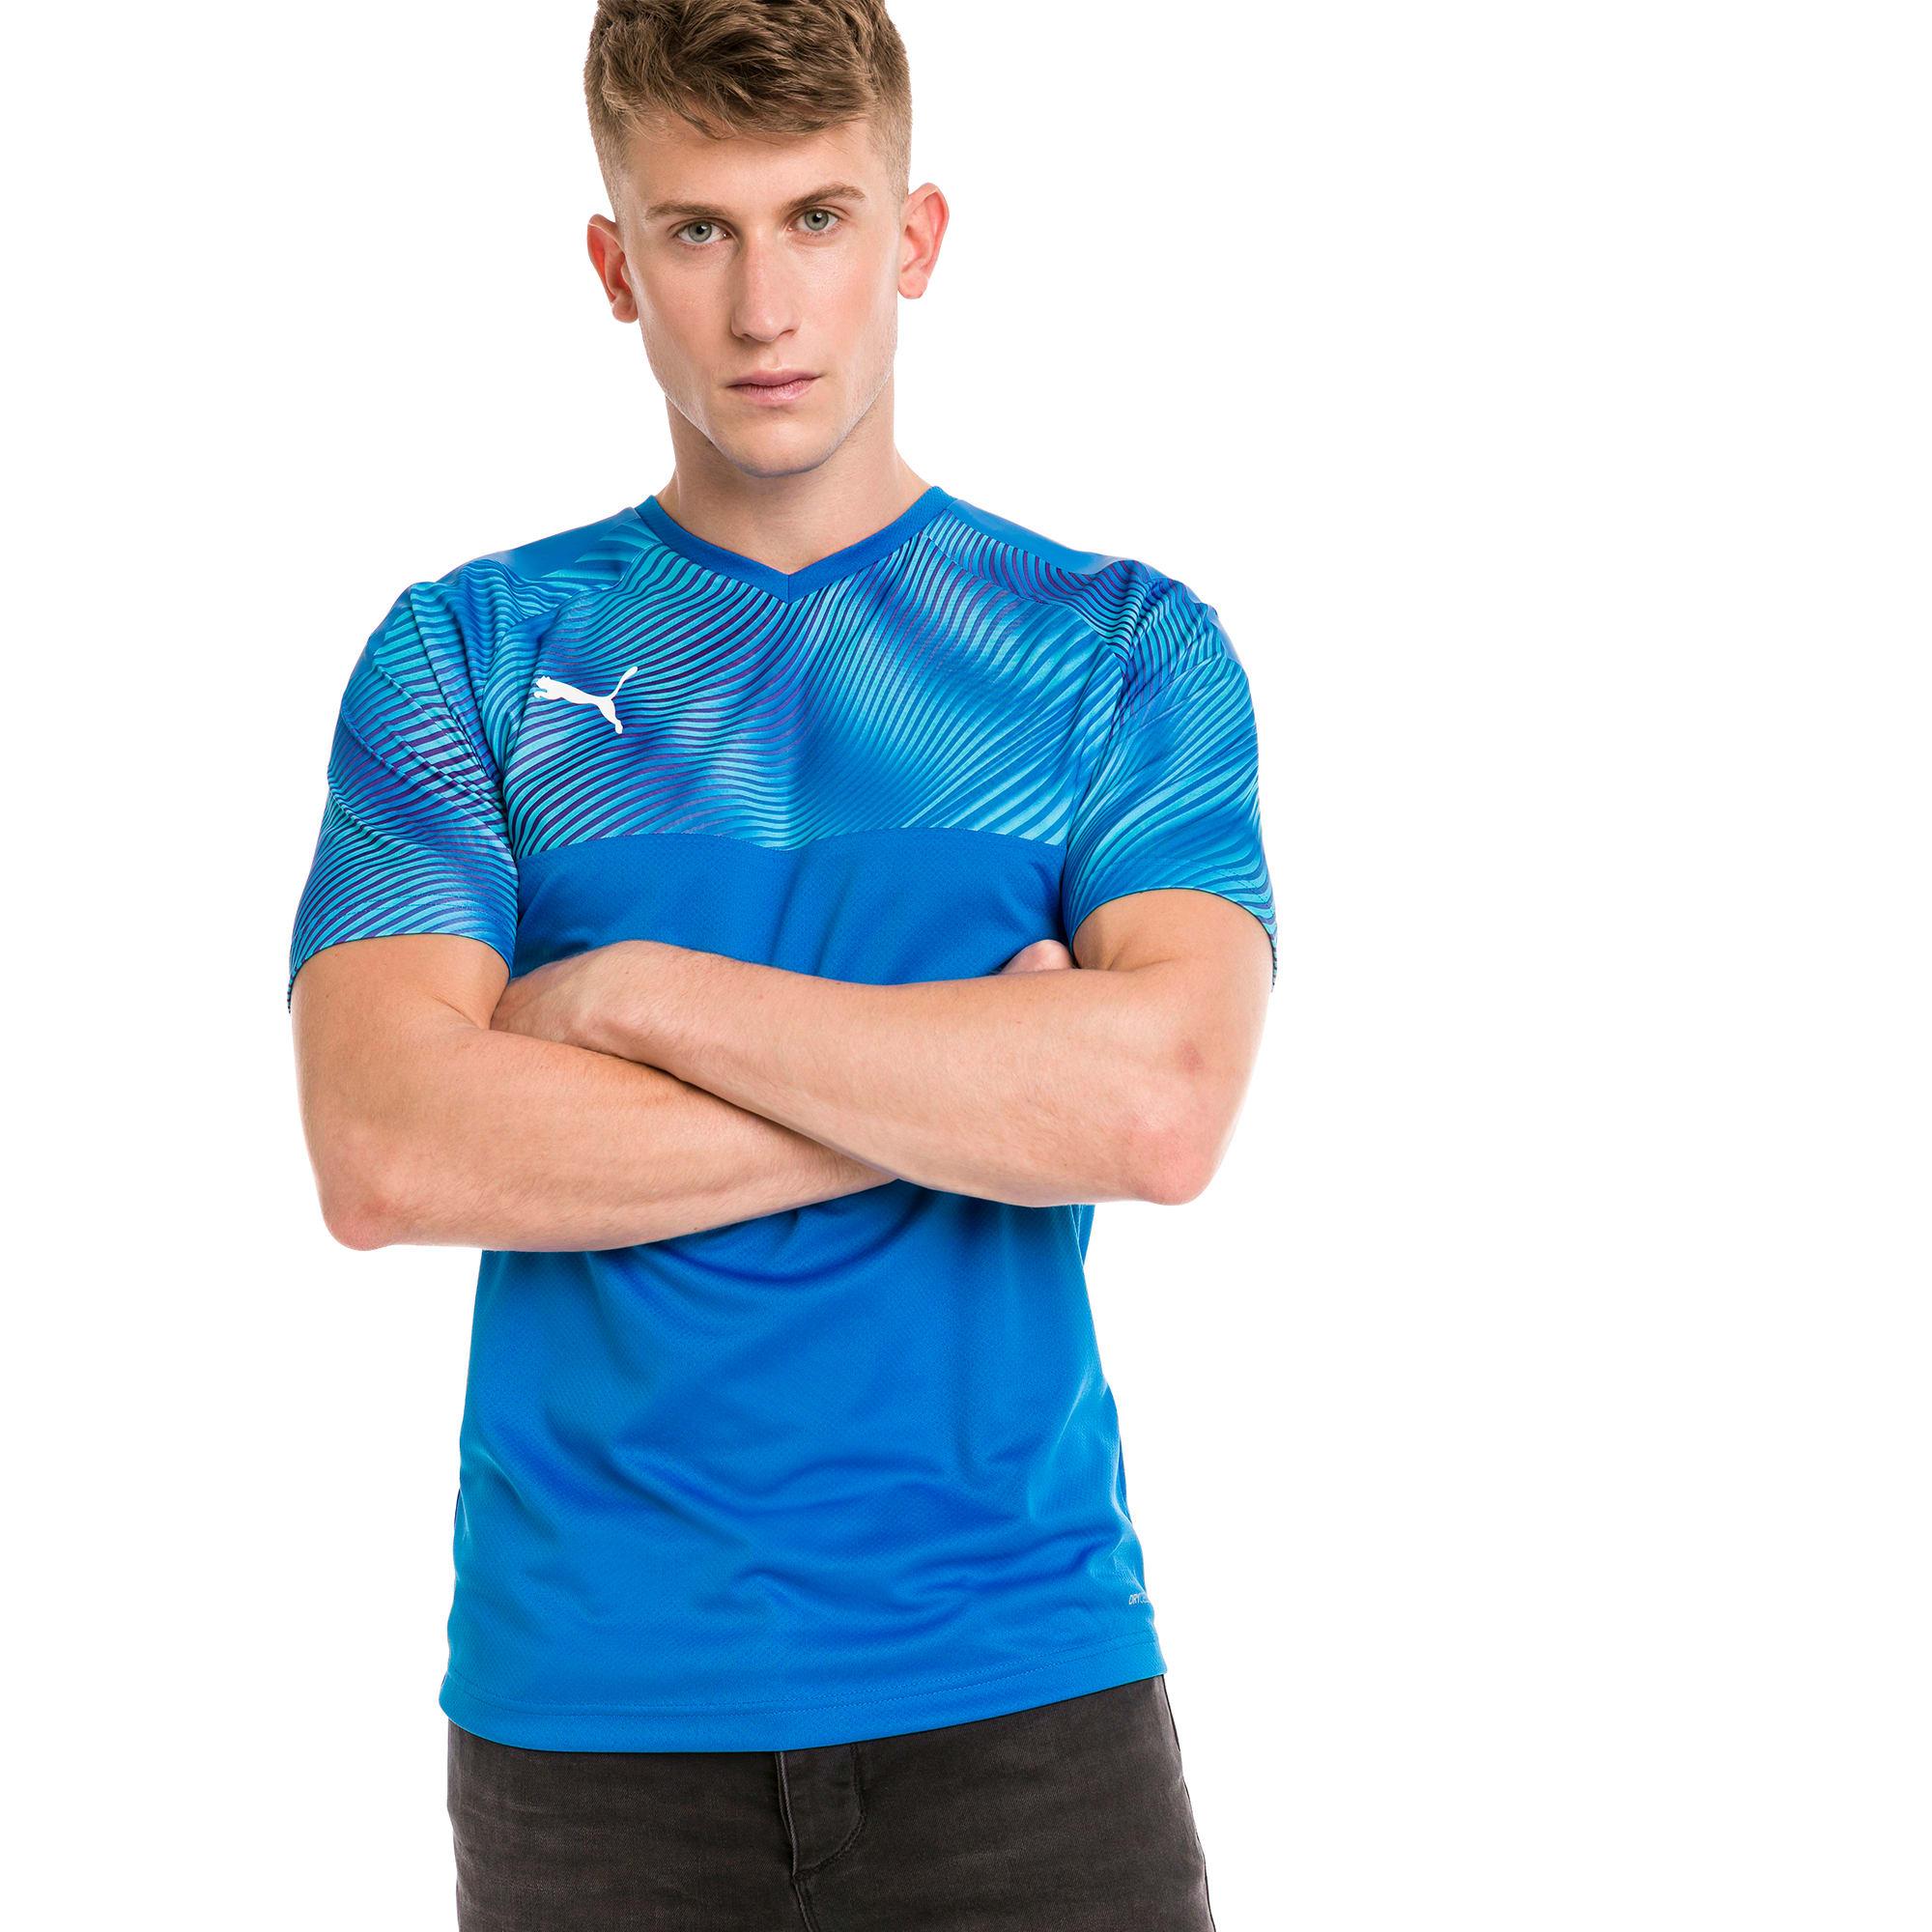 PUMA Maillot Football CUP pour Homme, Bleu, Taille XXS, Vêtements